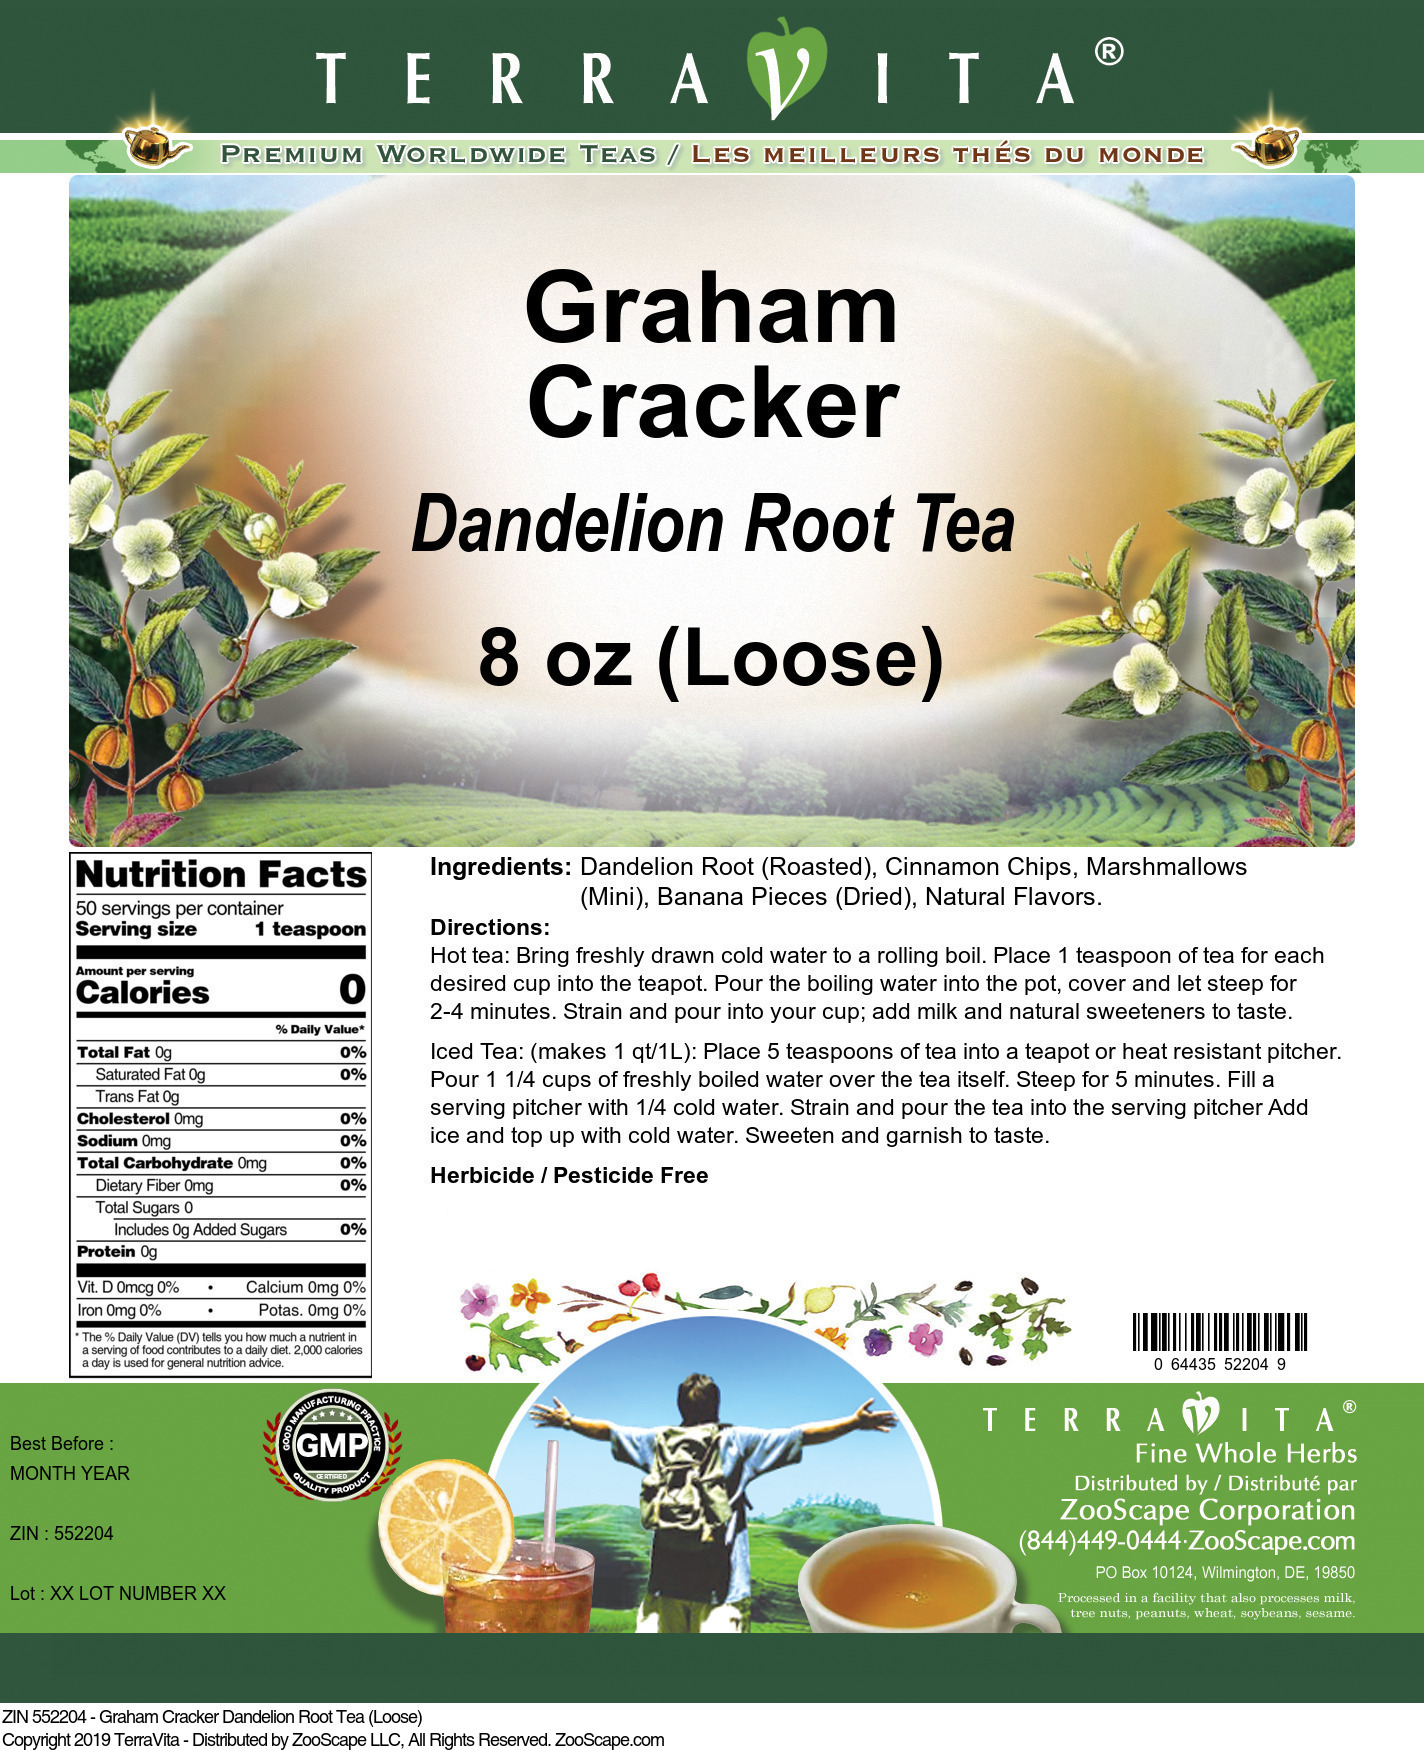 Graham Cracker Dandelion Root Tea (Loose)